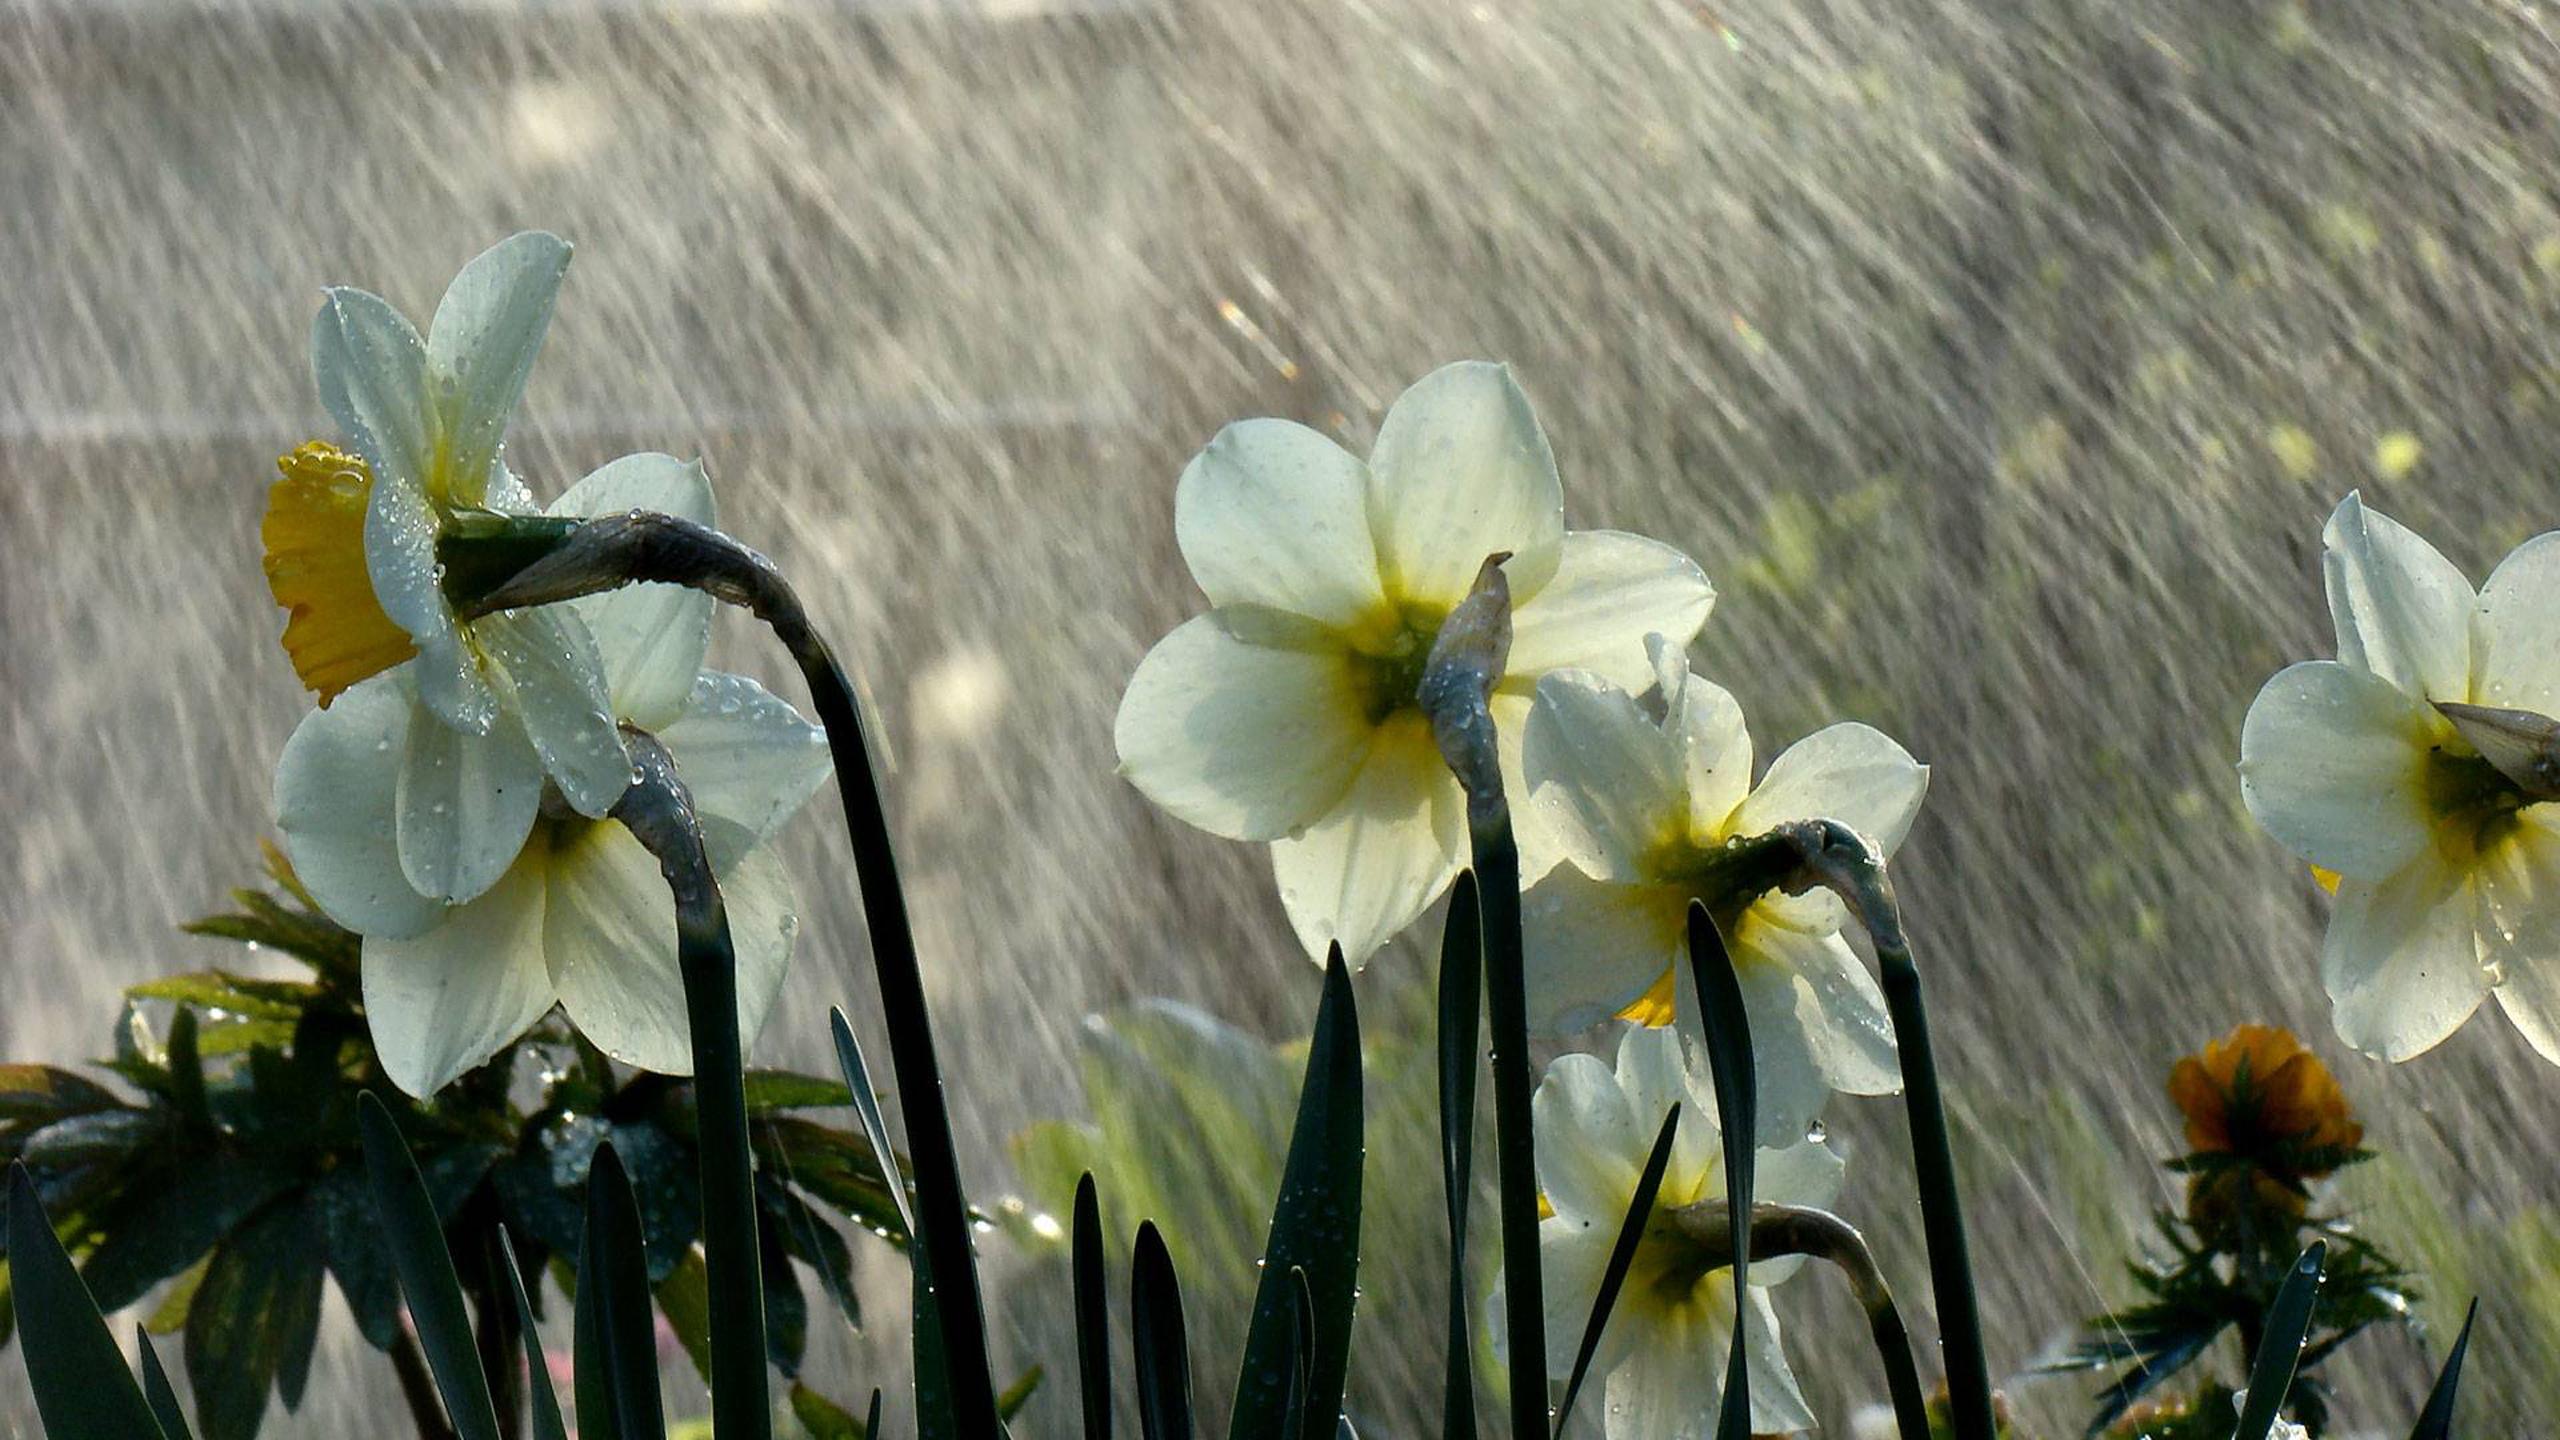 дождь, капля, цветок, ирис, лето загрузить